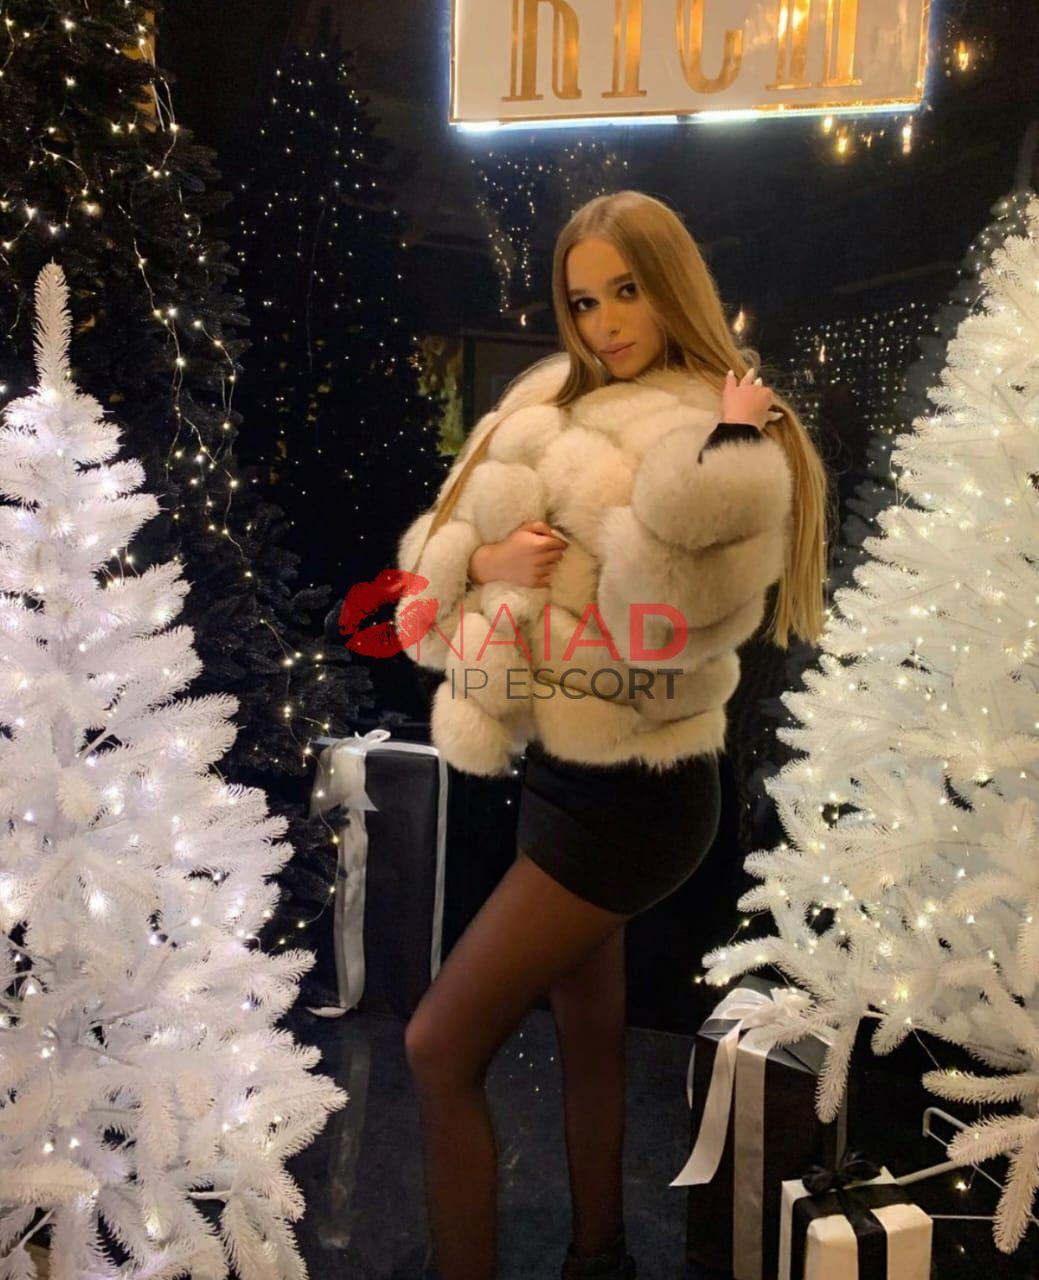 Image of Leona on Naiad